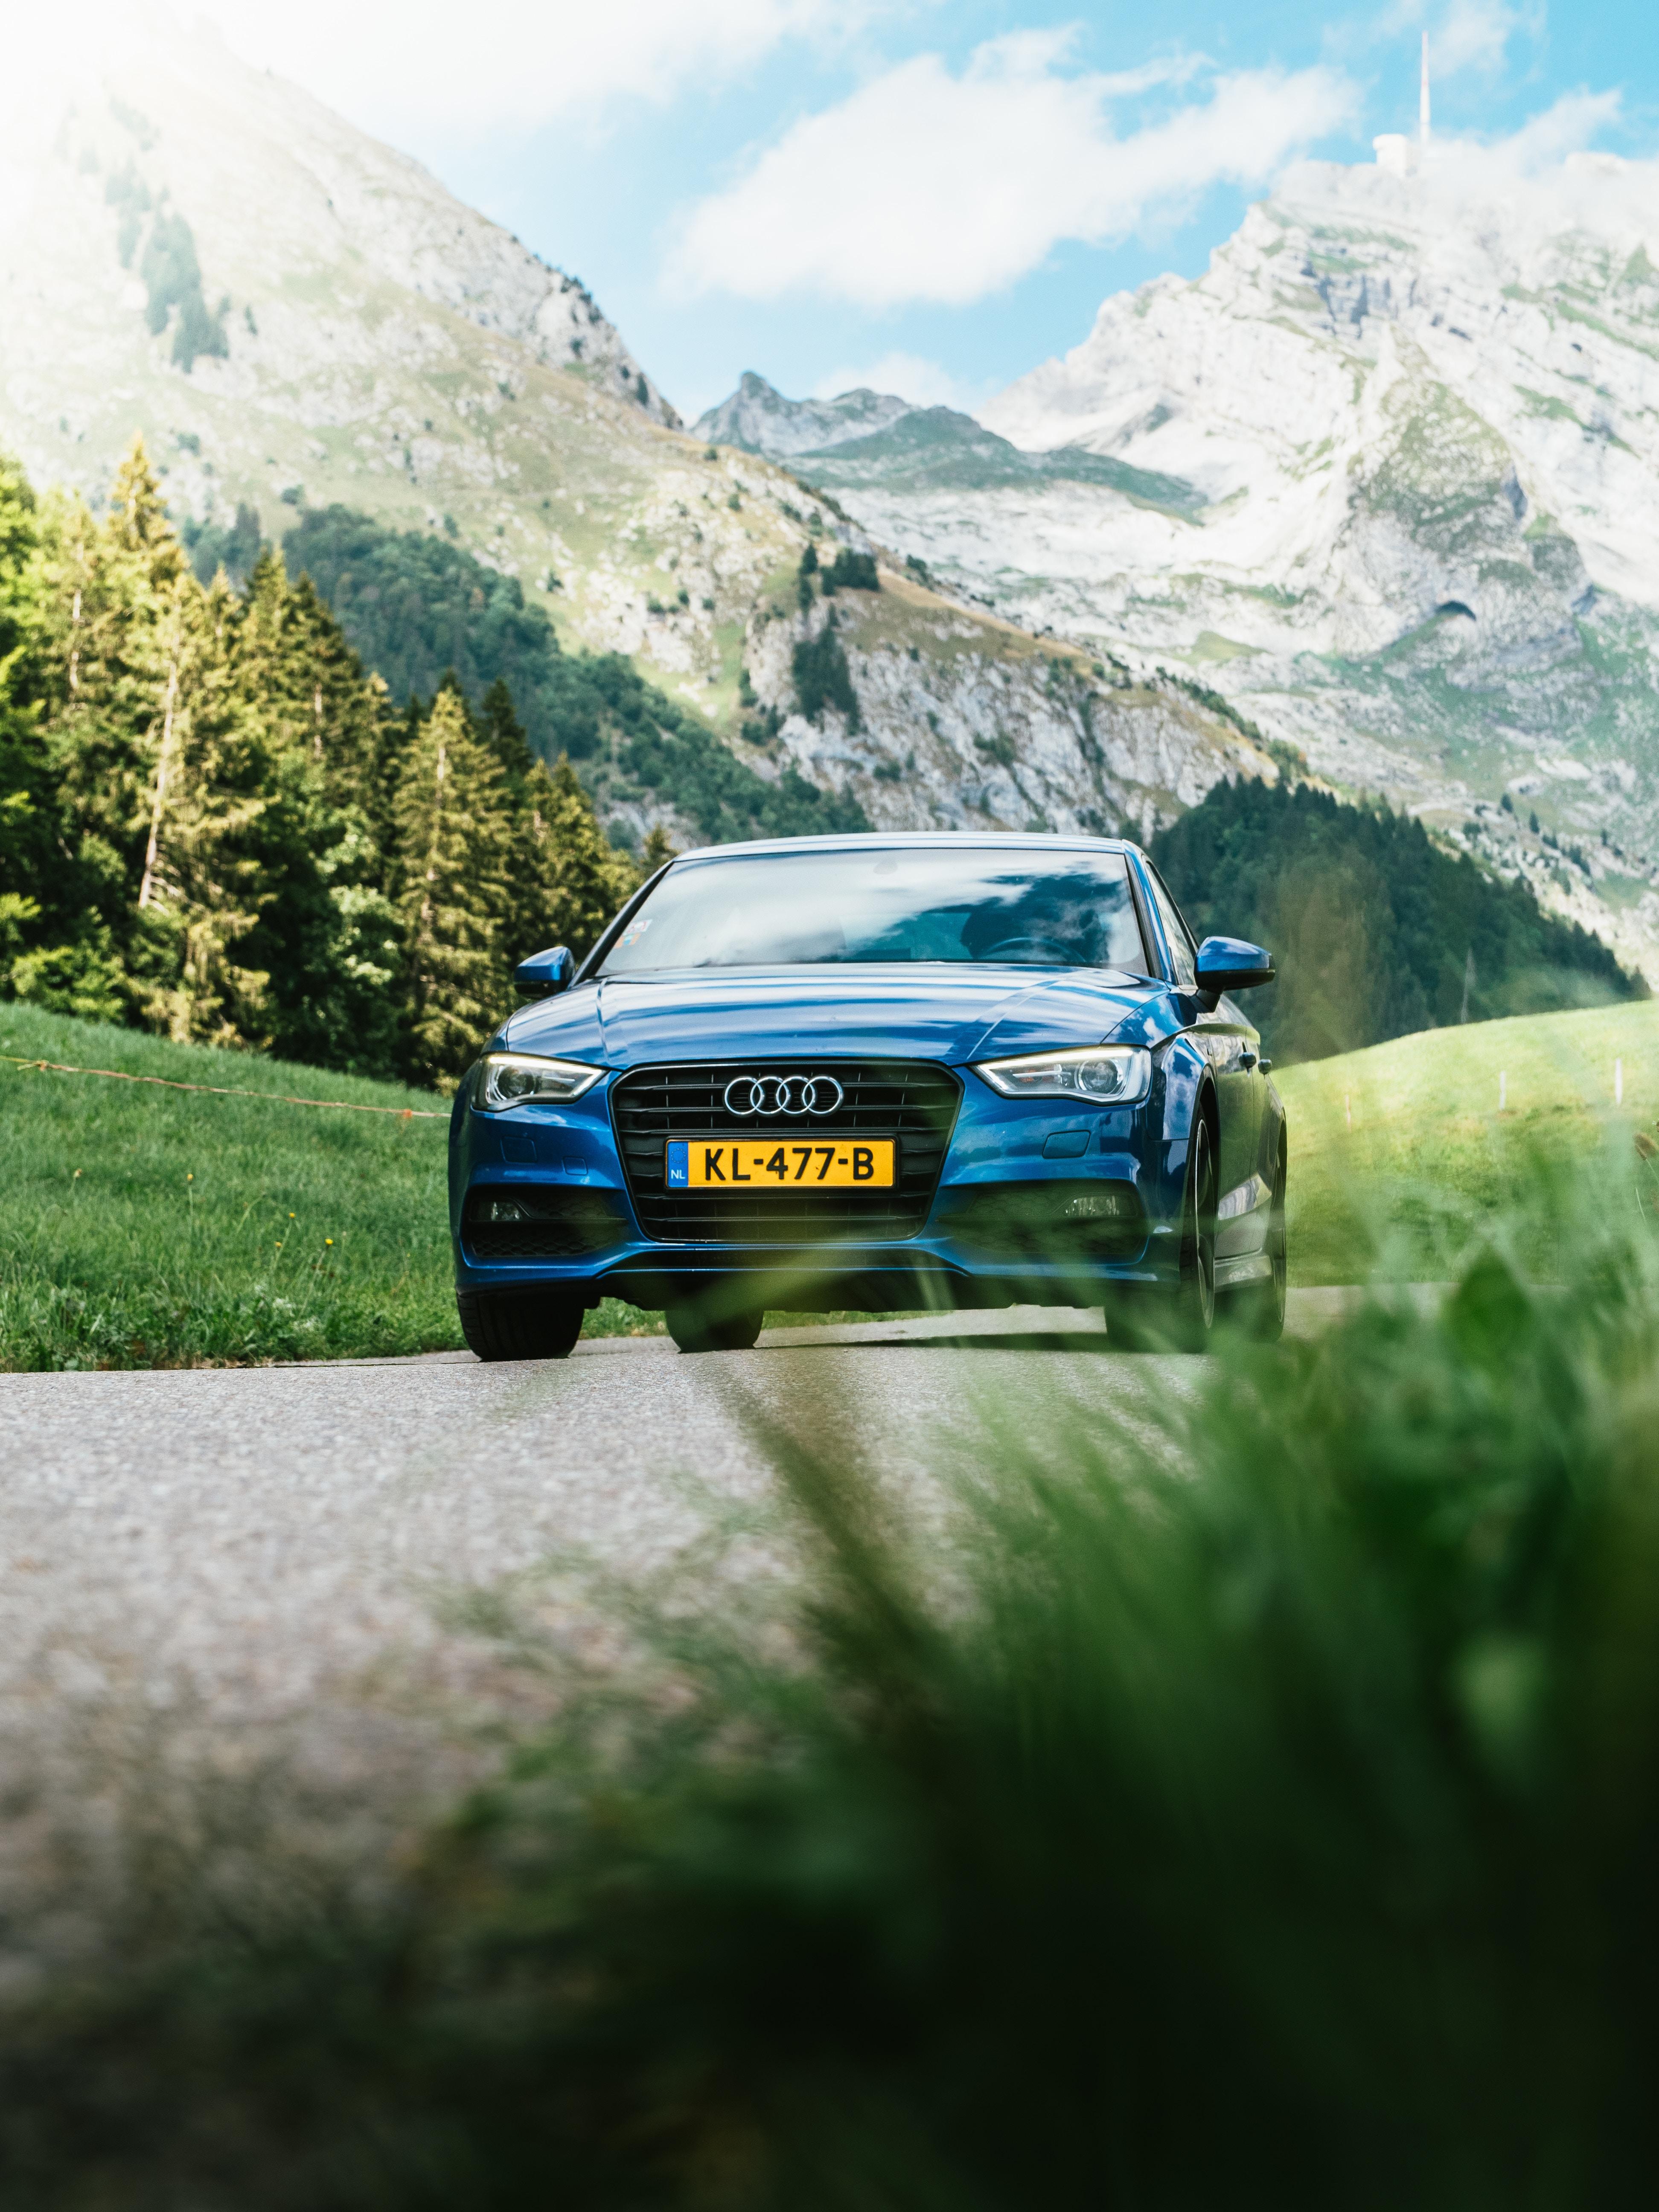 84730 Заставки и Обои Ауди (Audi) на телефон. Скачать Ауди (Audi), Тачки (Cars), Движение, Размытость, Audi Q7 картинки бесплатно